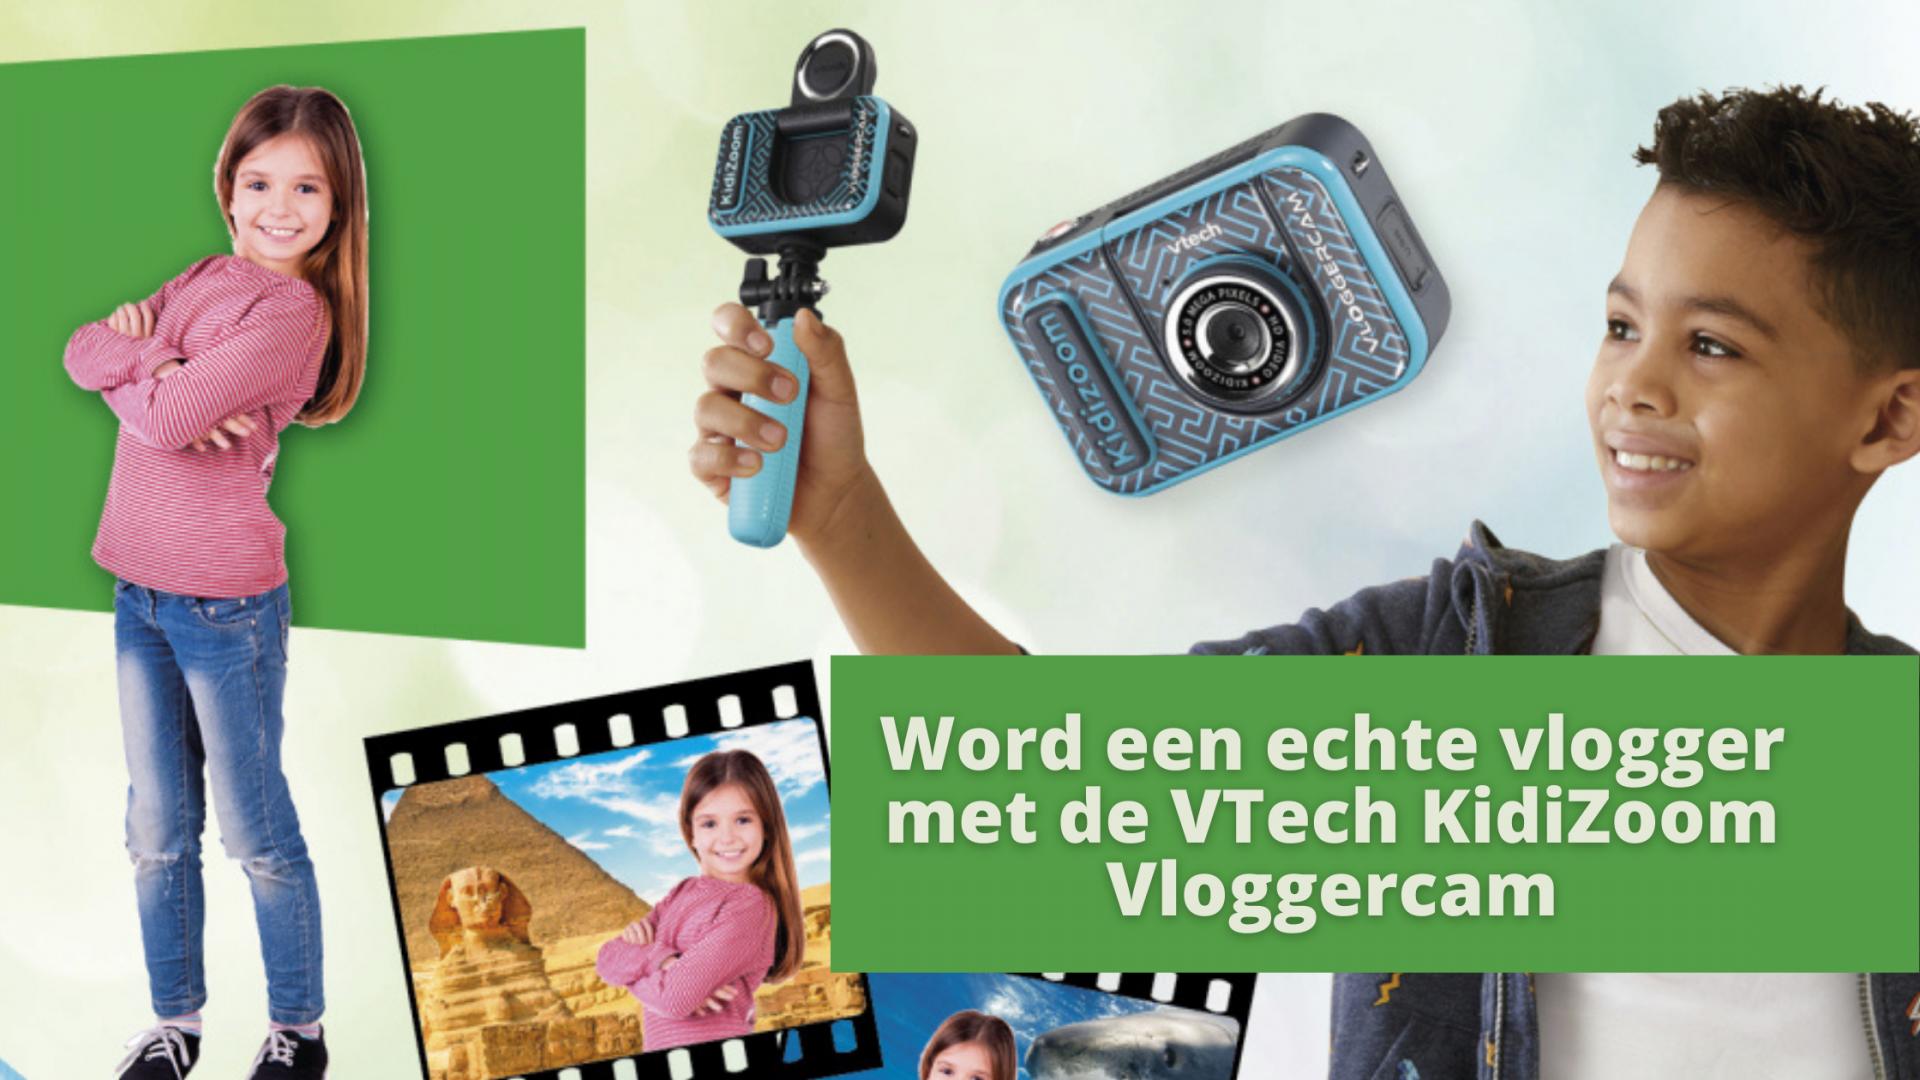 Word een echte vlogger met de VTech KidiZoom Vloggercam